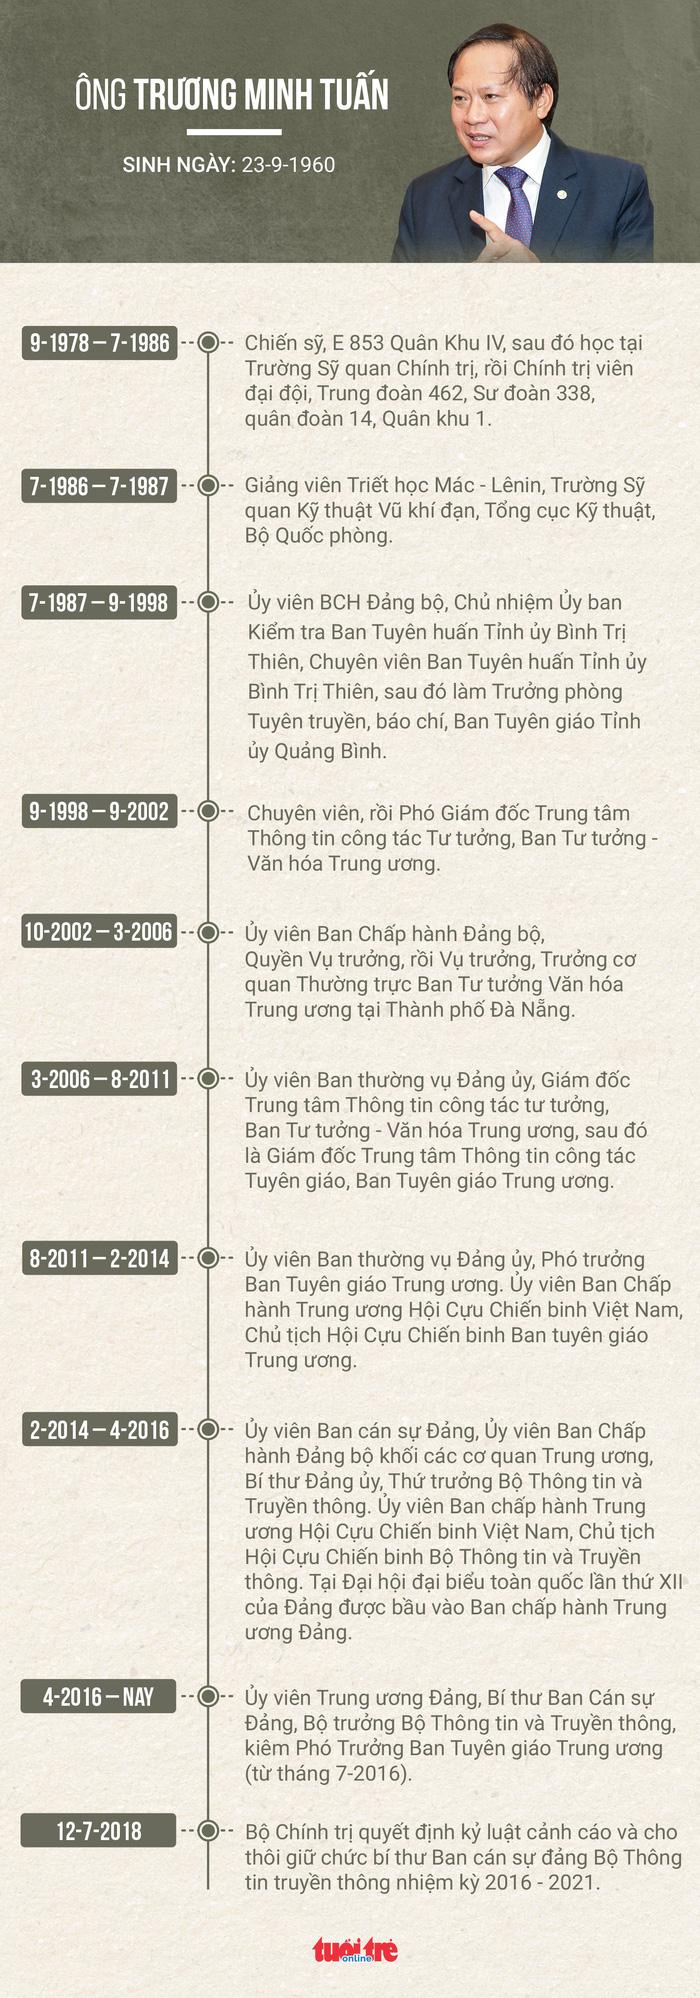 Bộ trưởng Trương Minh Tuấn bị cảnh cáo, cho thôi chức bí thư Ban cán sự đảng - Ảnh 2.